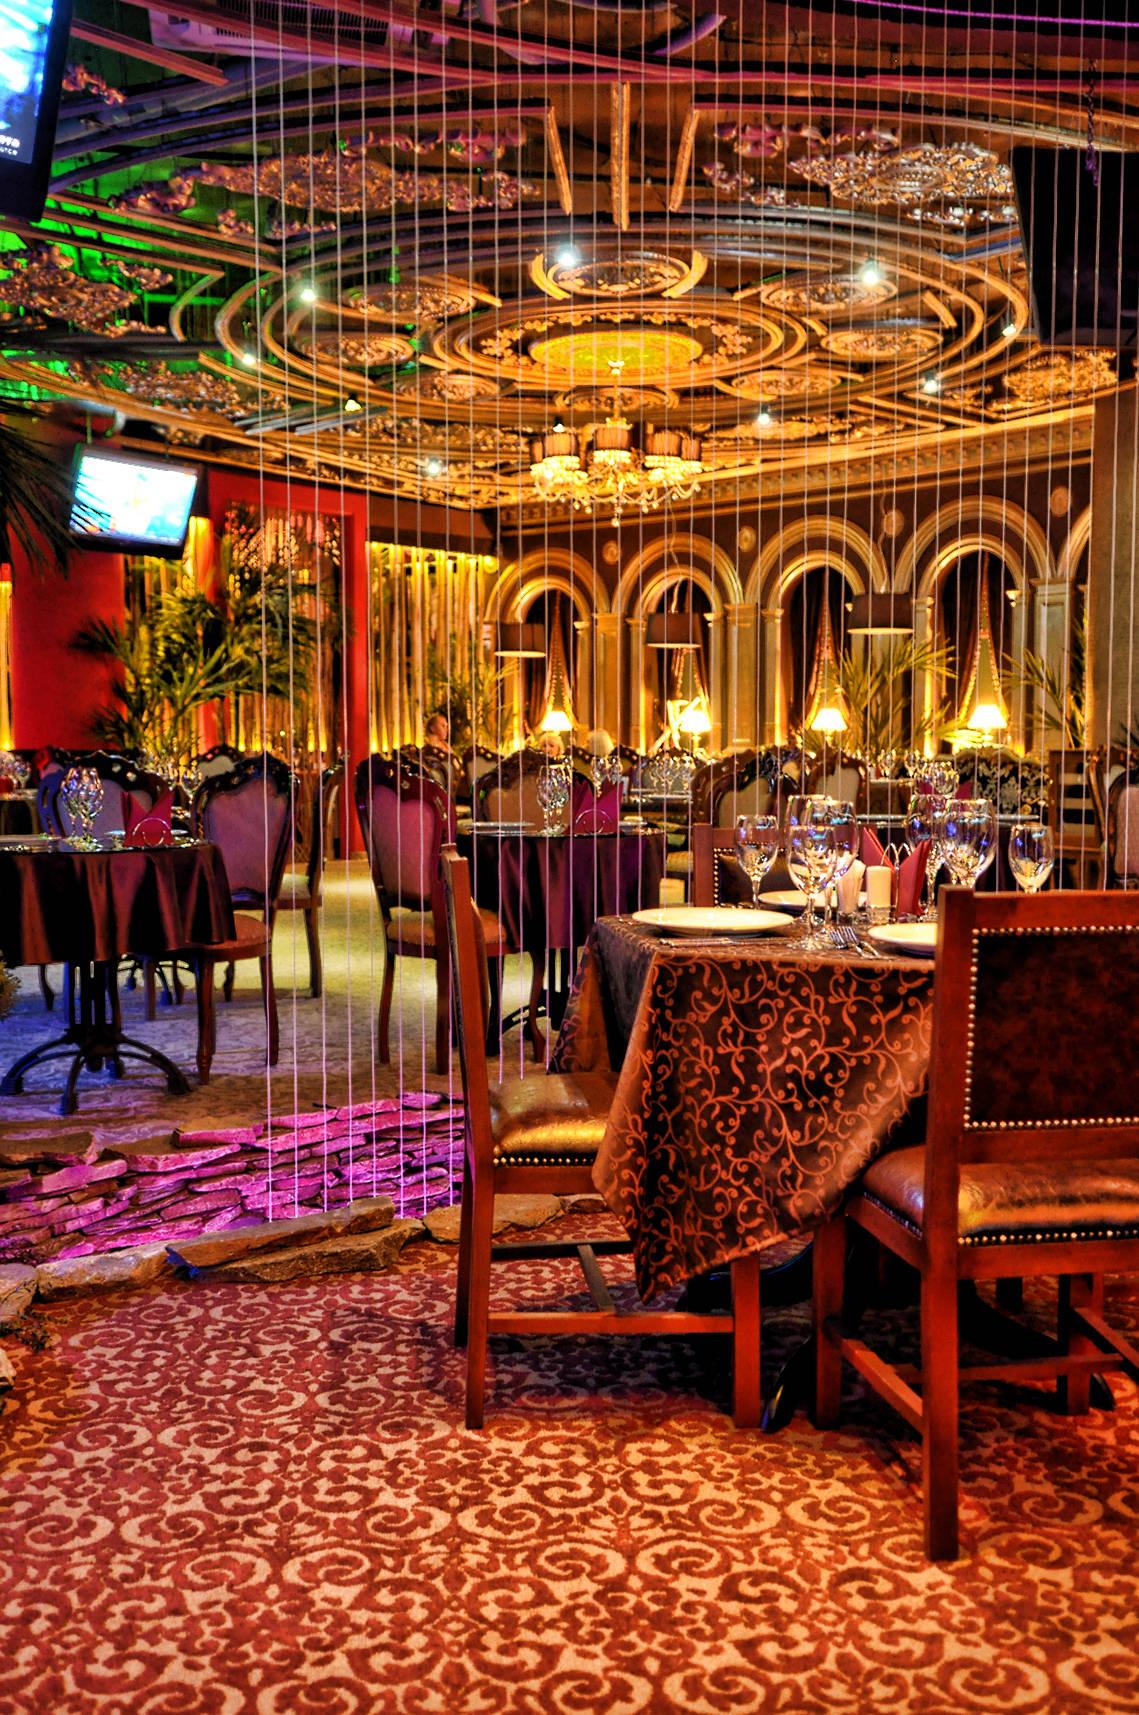 Итальянский ресторан DON CORLEONE от студии ALLARTSDESIGN, дизайнер Саранин Артемий. Клиент сразу определил, что на этом месте надо сделать итальянский дорогой, красивый ресторан. У нас по факту была пустая площадка с витражным остеклением в торговом центре.